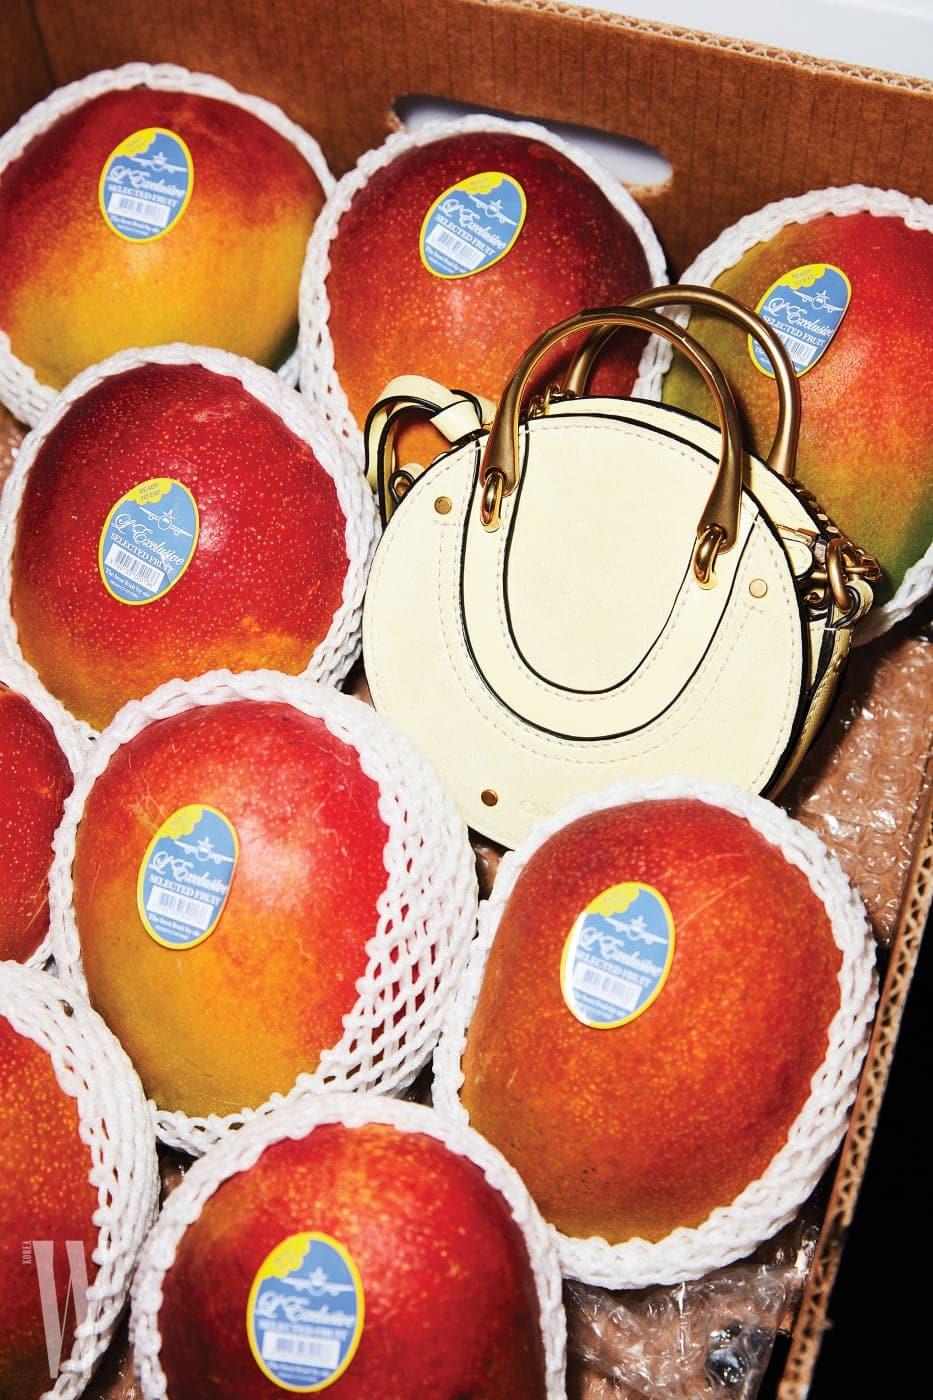 애플망고와 하나처럼 보이는 파스텔 노란색 둥근 미니 백은 끌로에 제품. 1백70만원대.